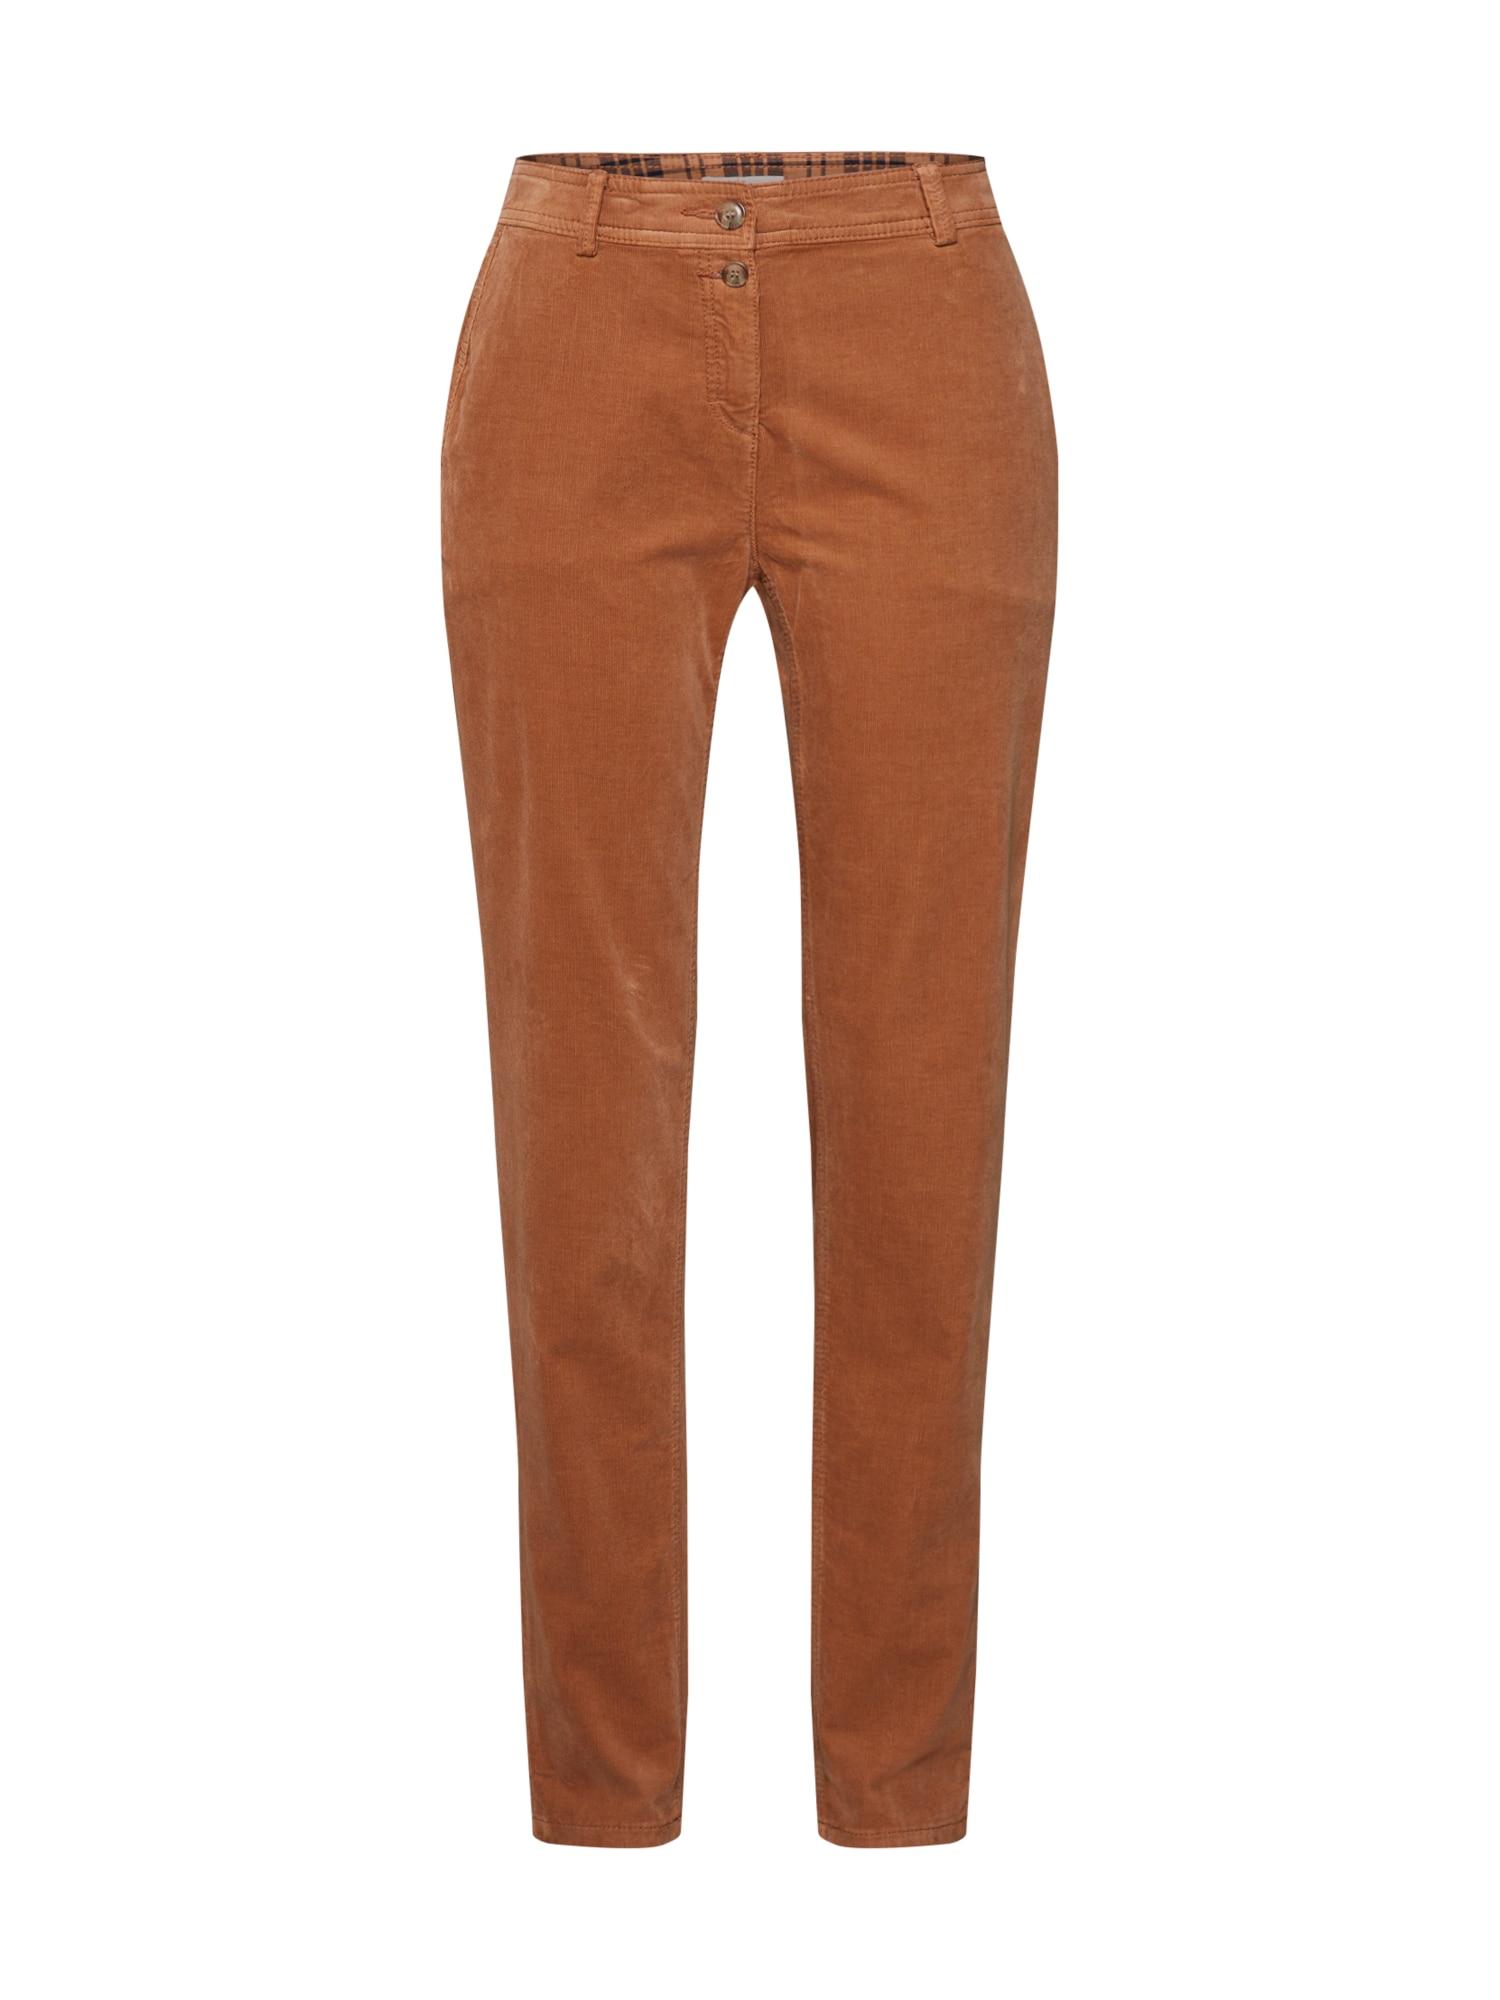 EDC BY ESPRIT Chino stiliaus kelnės 'Chino Pants woven' šviesiai ruda